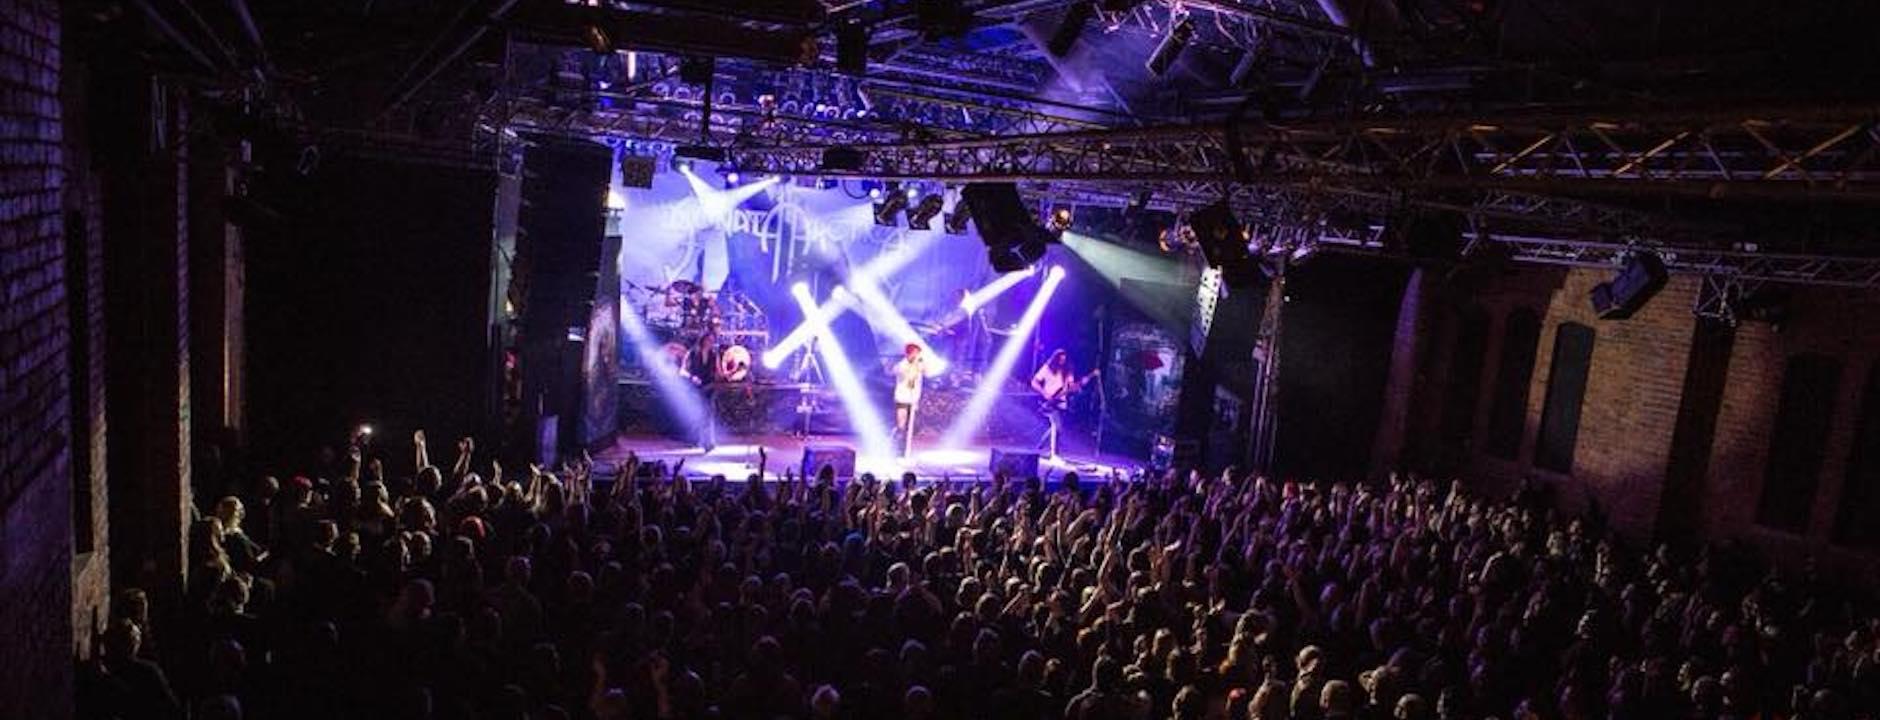 FINLAND GRATUITO LIVE CD DOWNLOAD SONATA ARCTICA IN